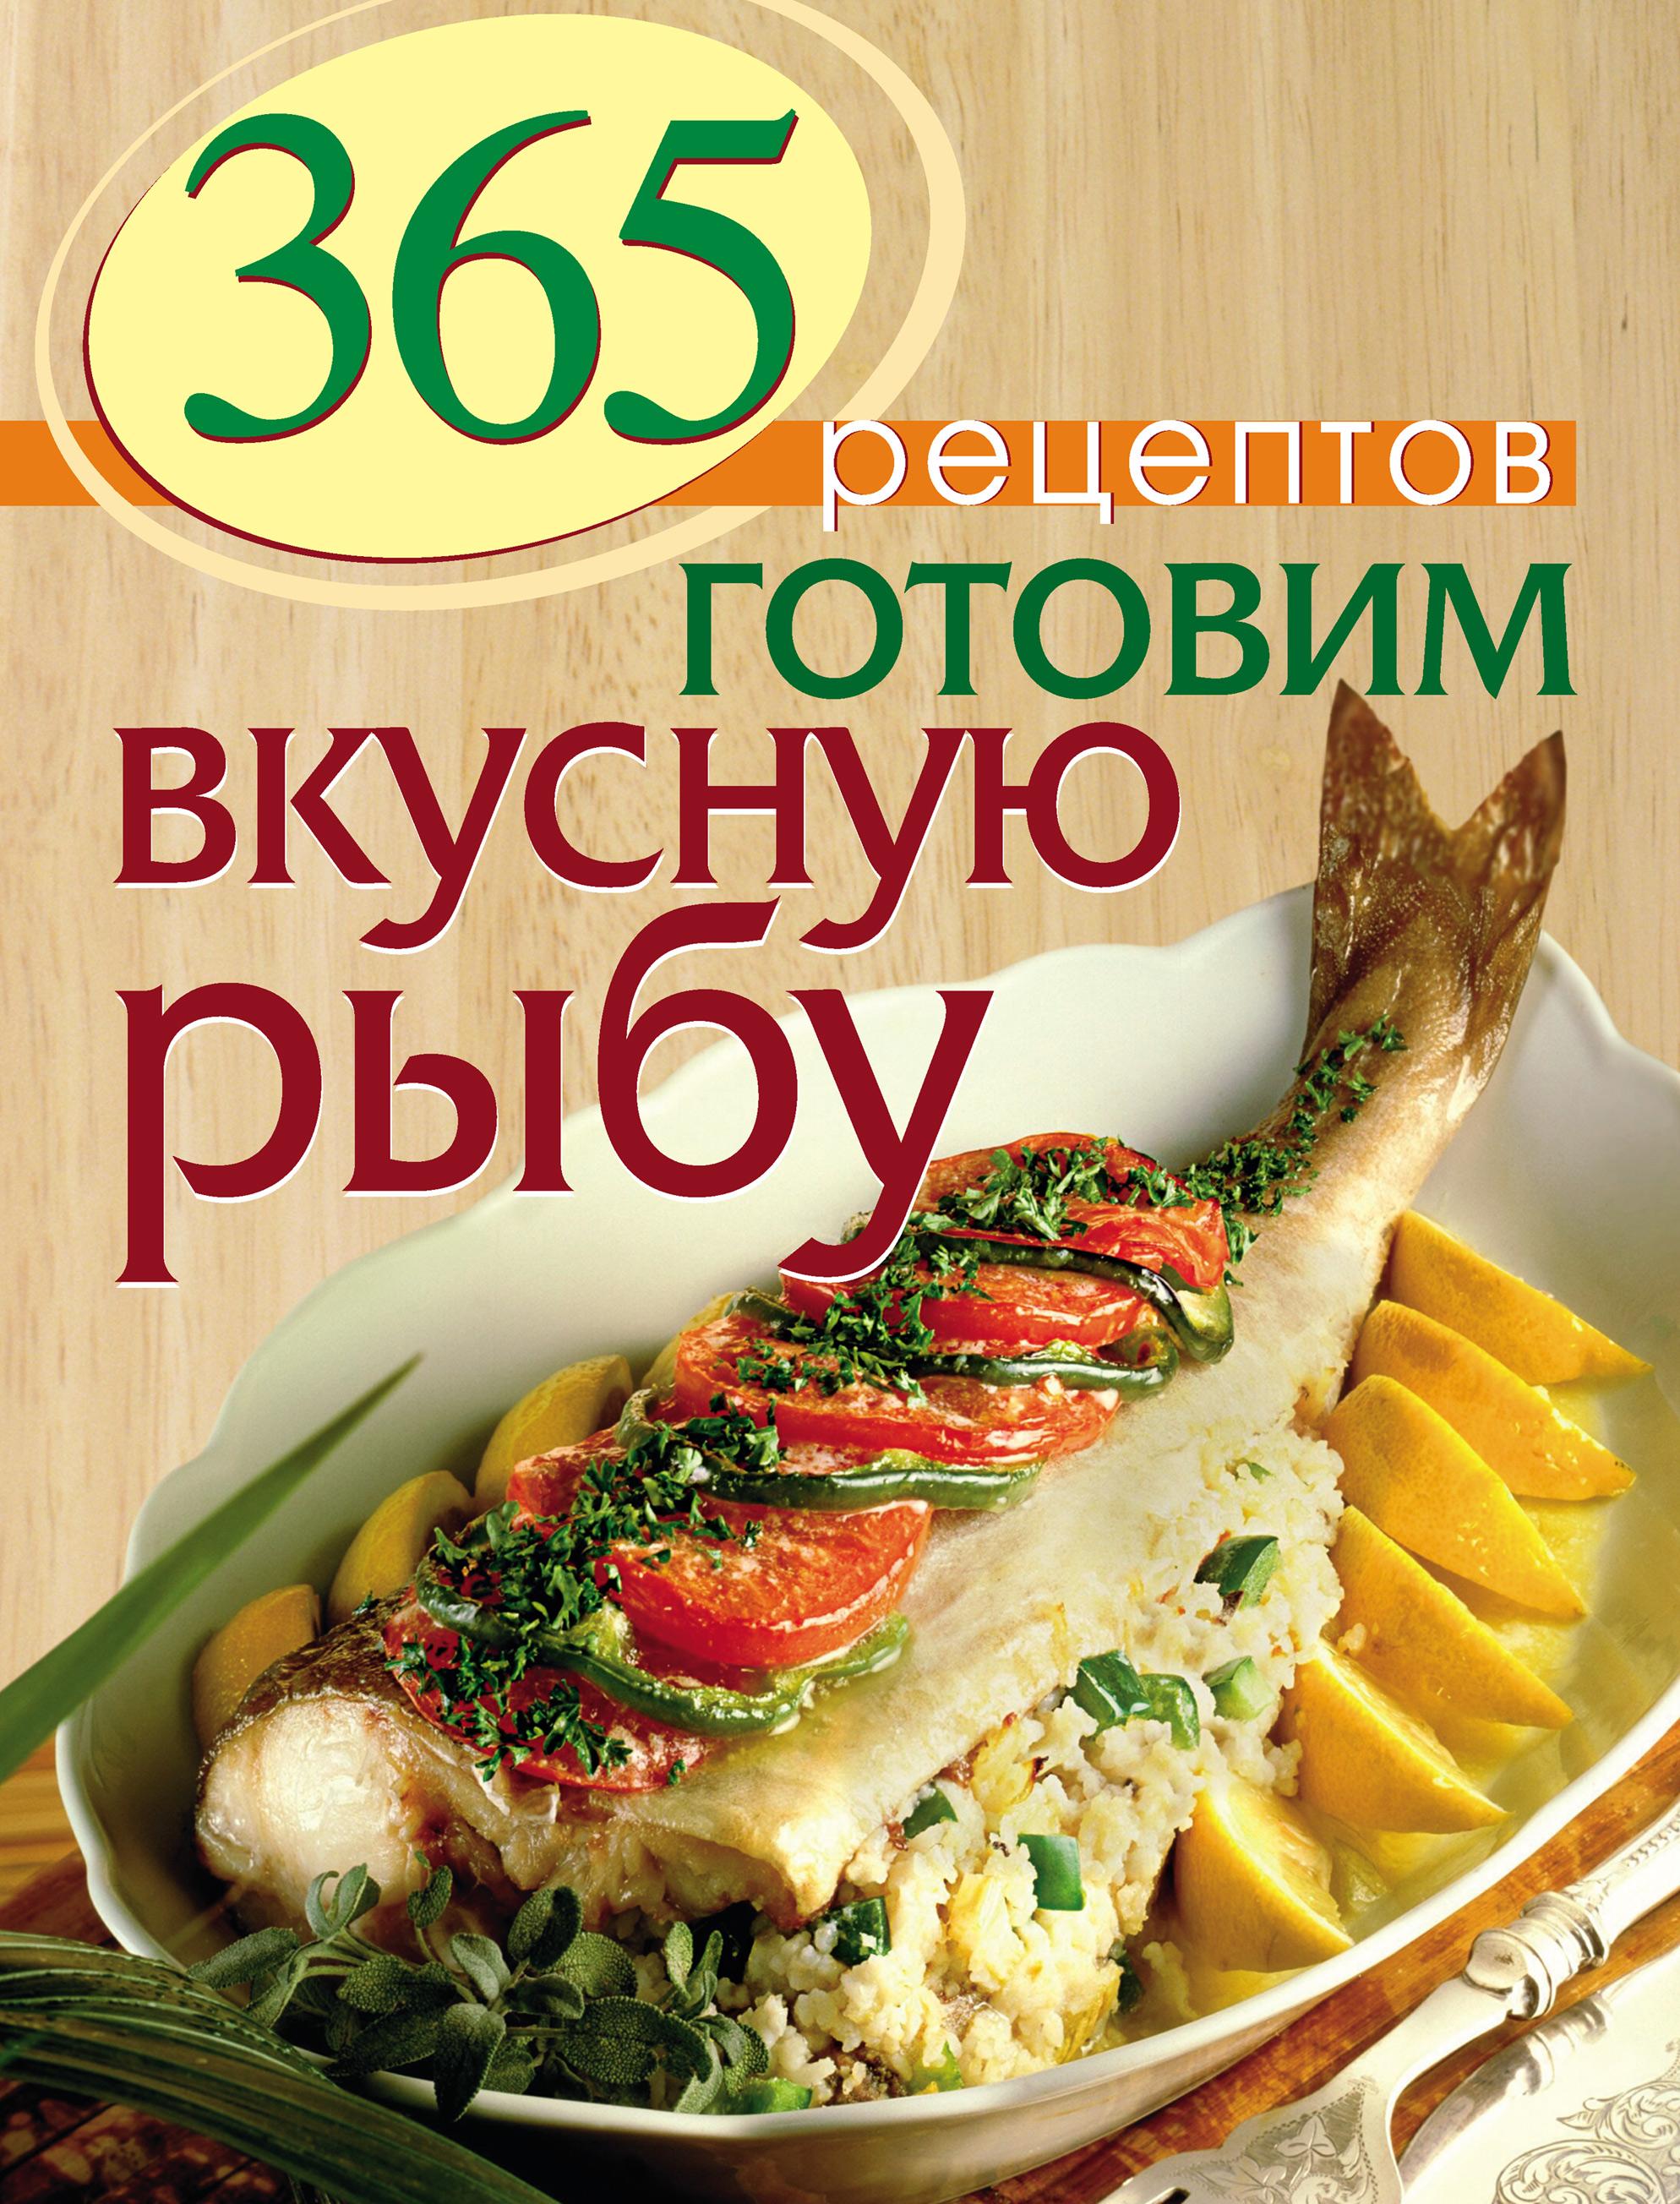 Отсутствует 365 рецептов. Готовим вкусную рыбу